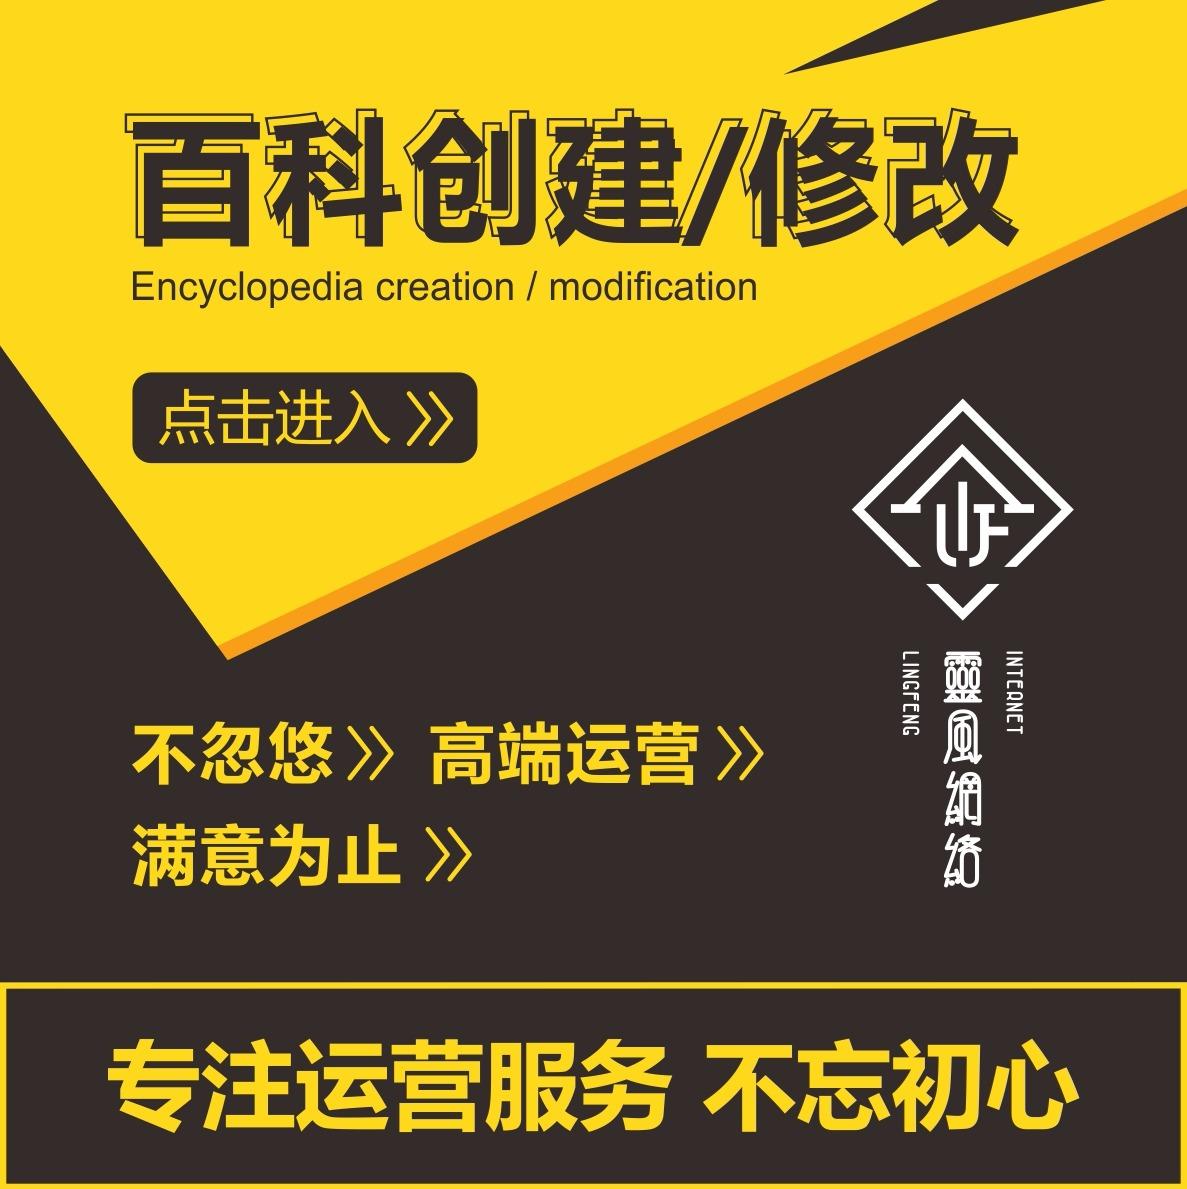 【 百度百科】企业品牌搜狗创建品牌人物词条编辑